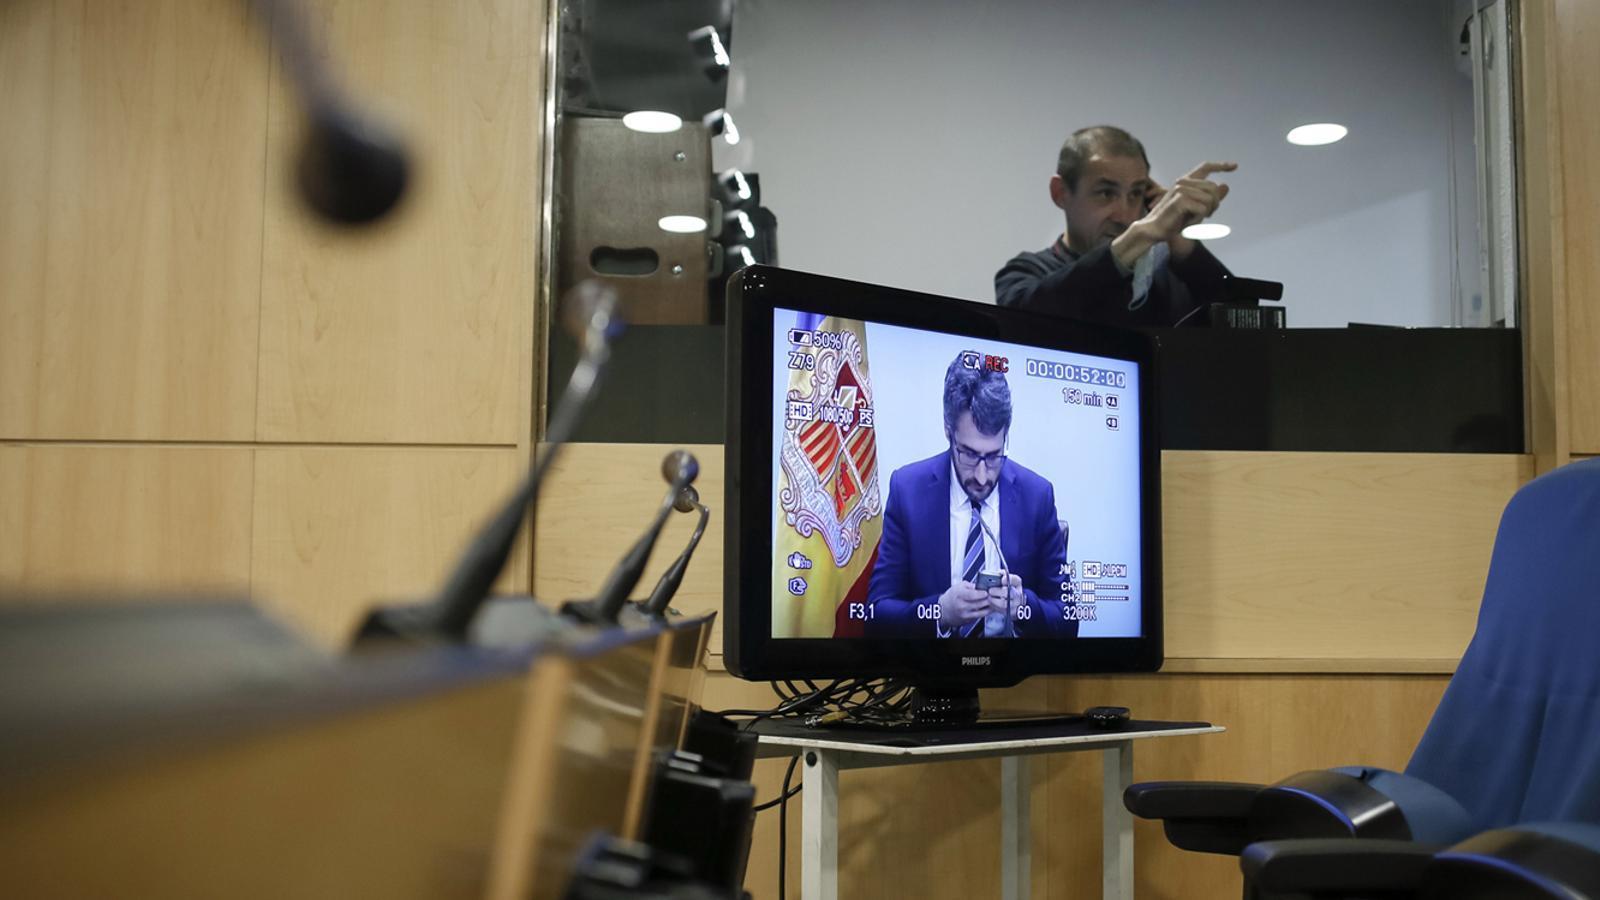 El ministre portaveu, Eric Jover, a través d'una pantalla, moments abans de l'inici de la roda de premsa d'aquest dimecres al vespre. / SFG